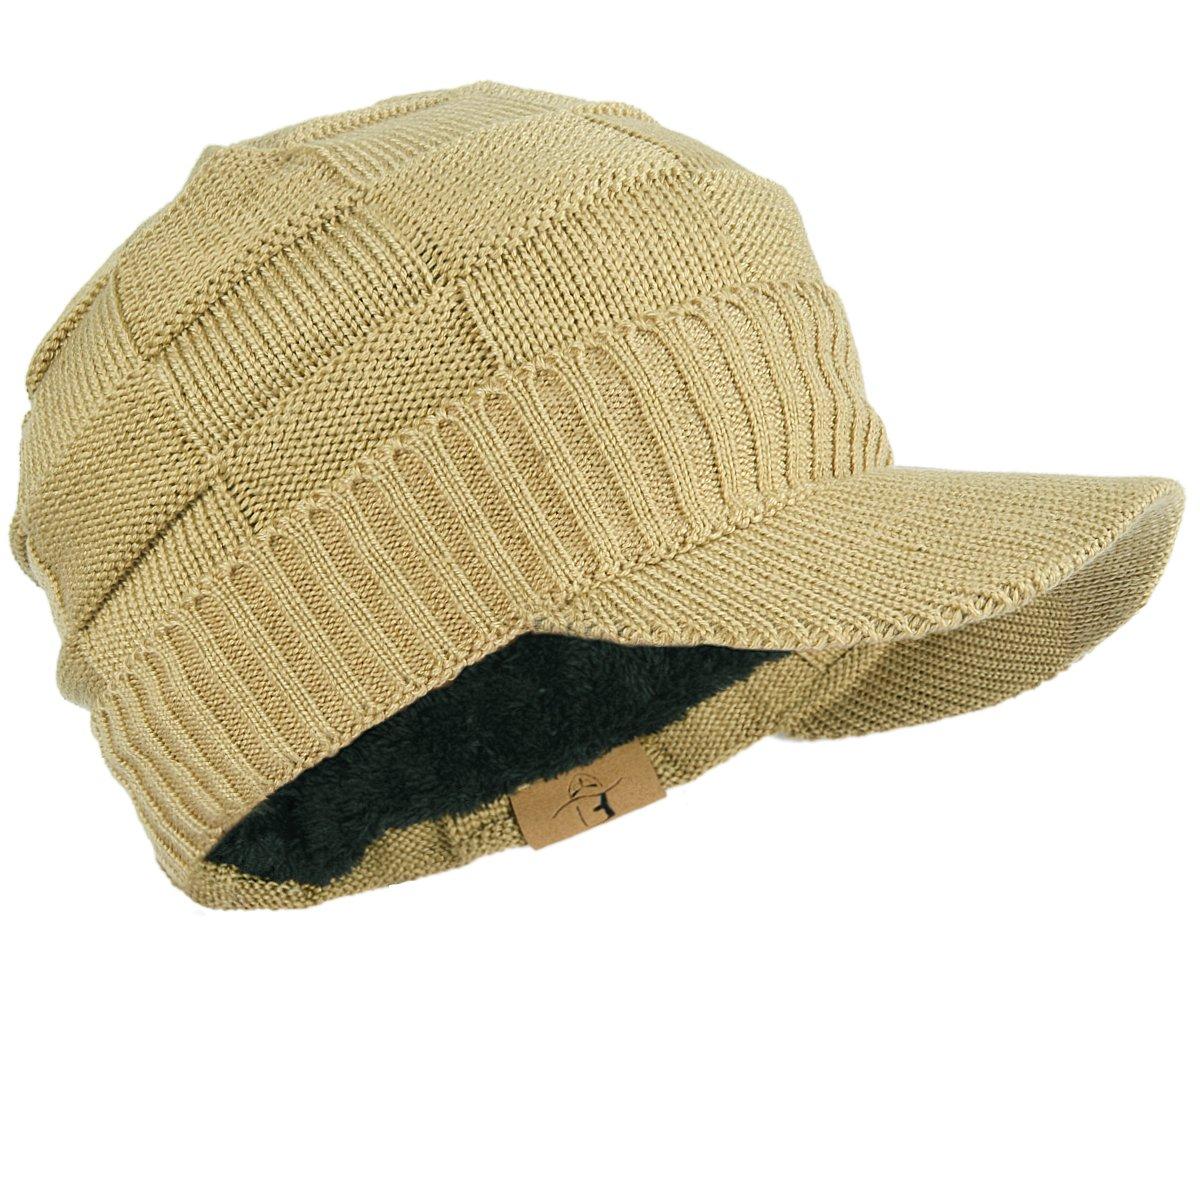 FORBUSITE Fleece Winter Knit Visor Beanie Cap for Men Women B322 B322-C-Black